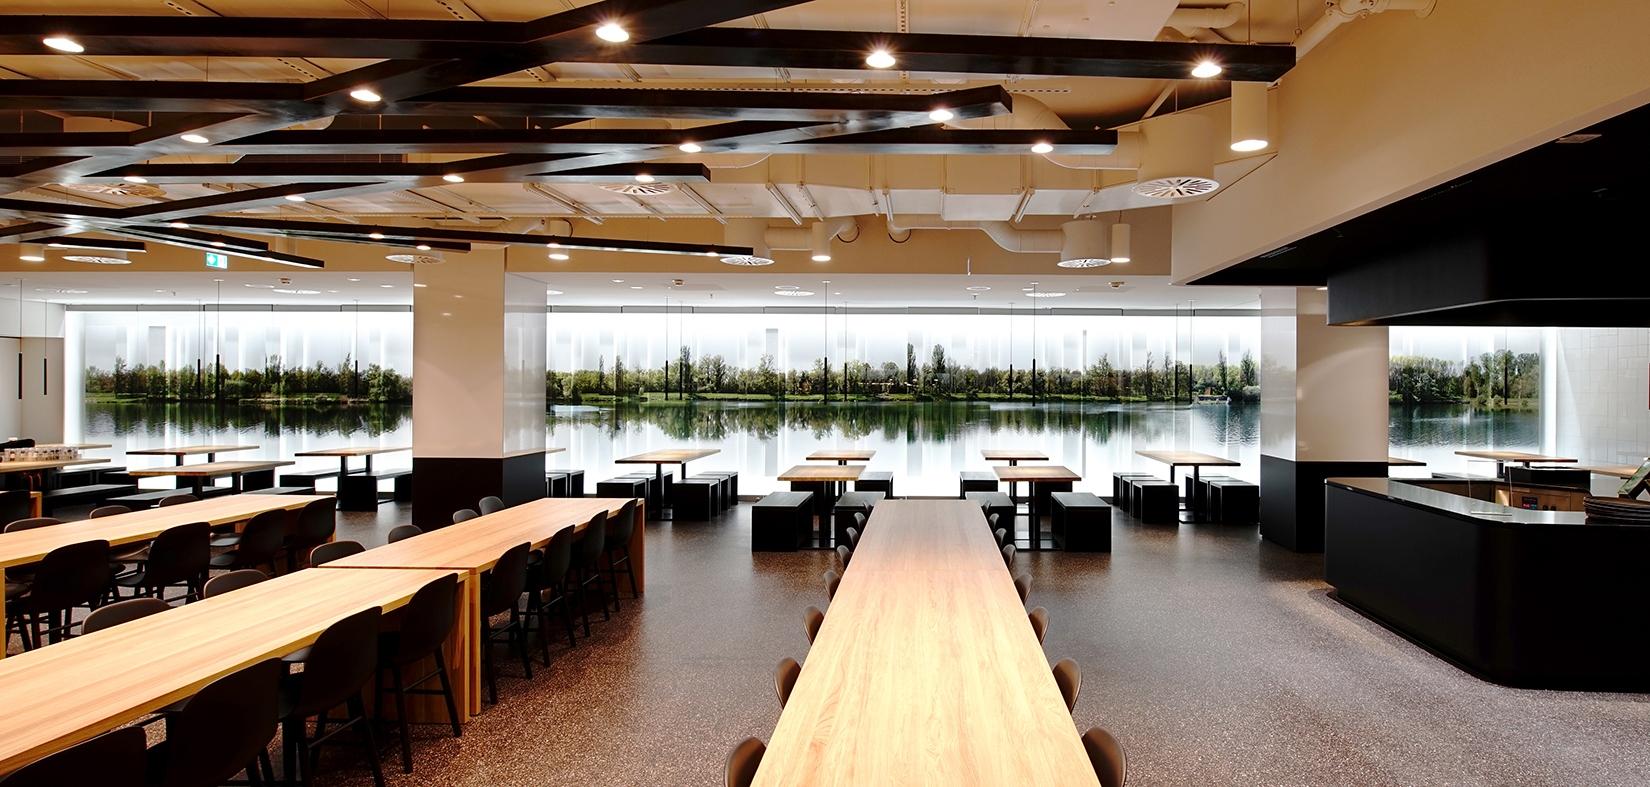 Il progetto Human Centric Lighting di LKL: la sala della caffetteria di Dusseldorf con finestra panoramica e illuminazione artificiale dinamica - visione panoramica